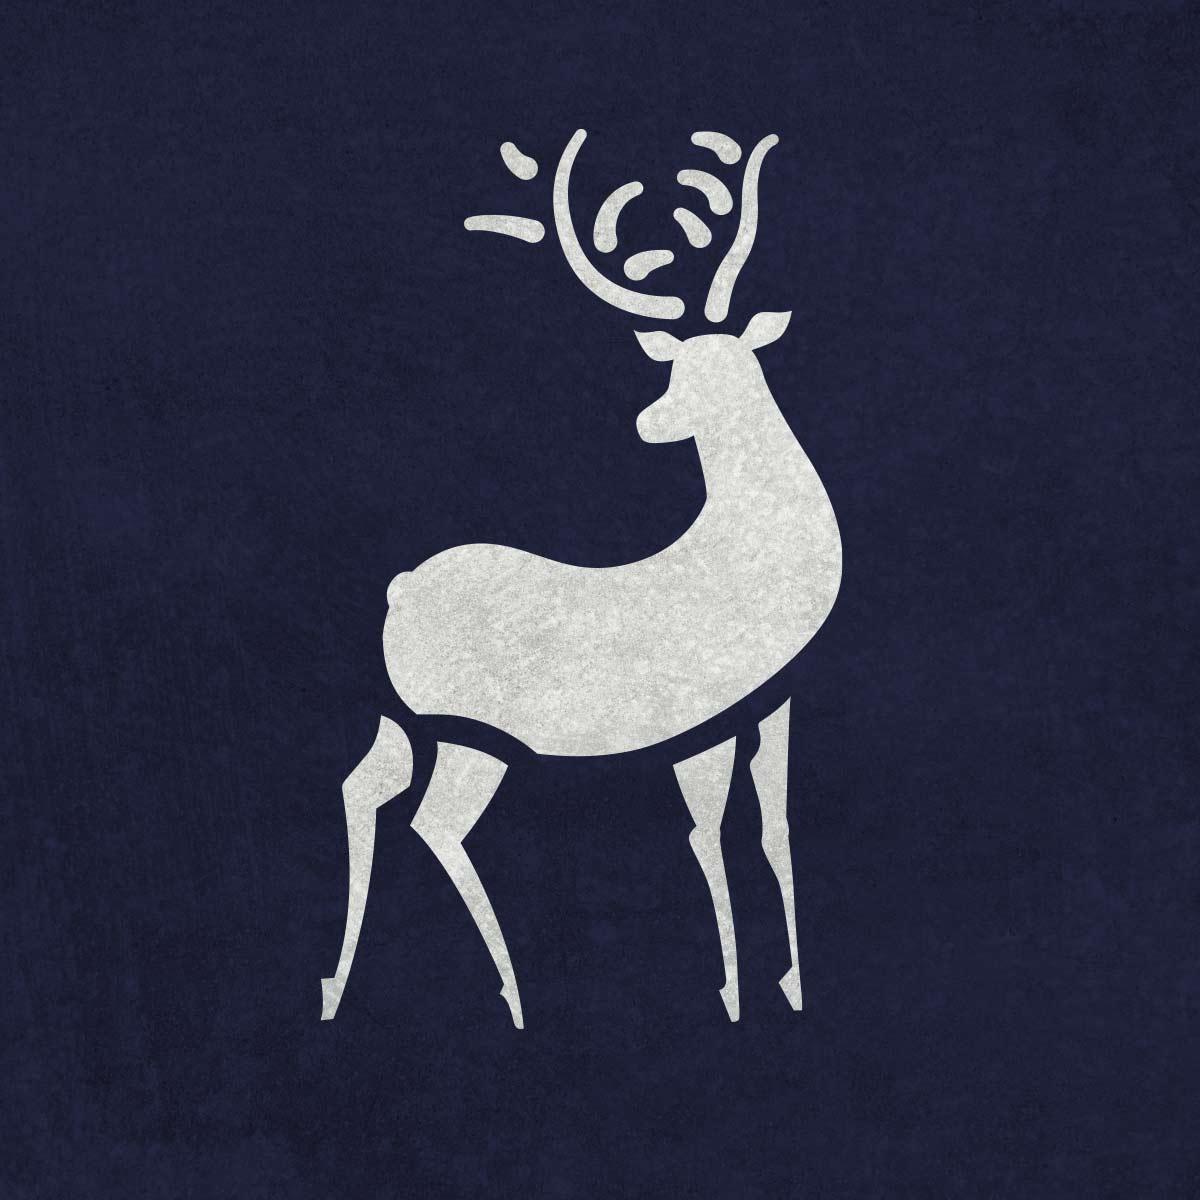 Renifer - świąteczny szablon malarskie wielokrotnego użytku, wizualizacja na ciemnym tle